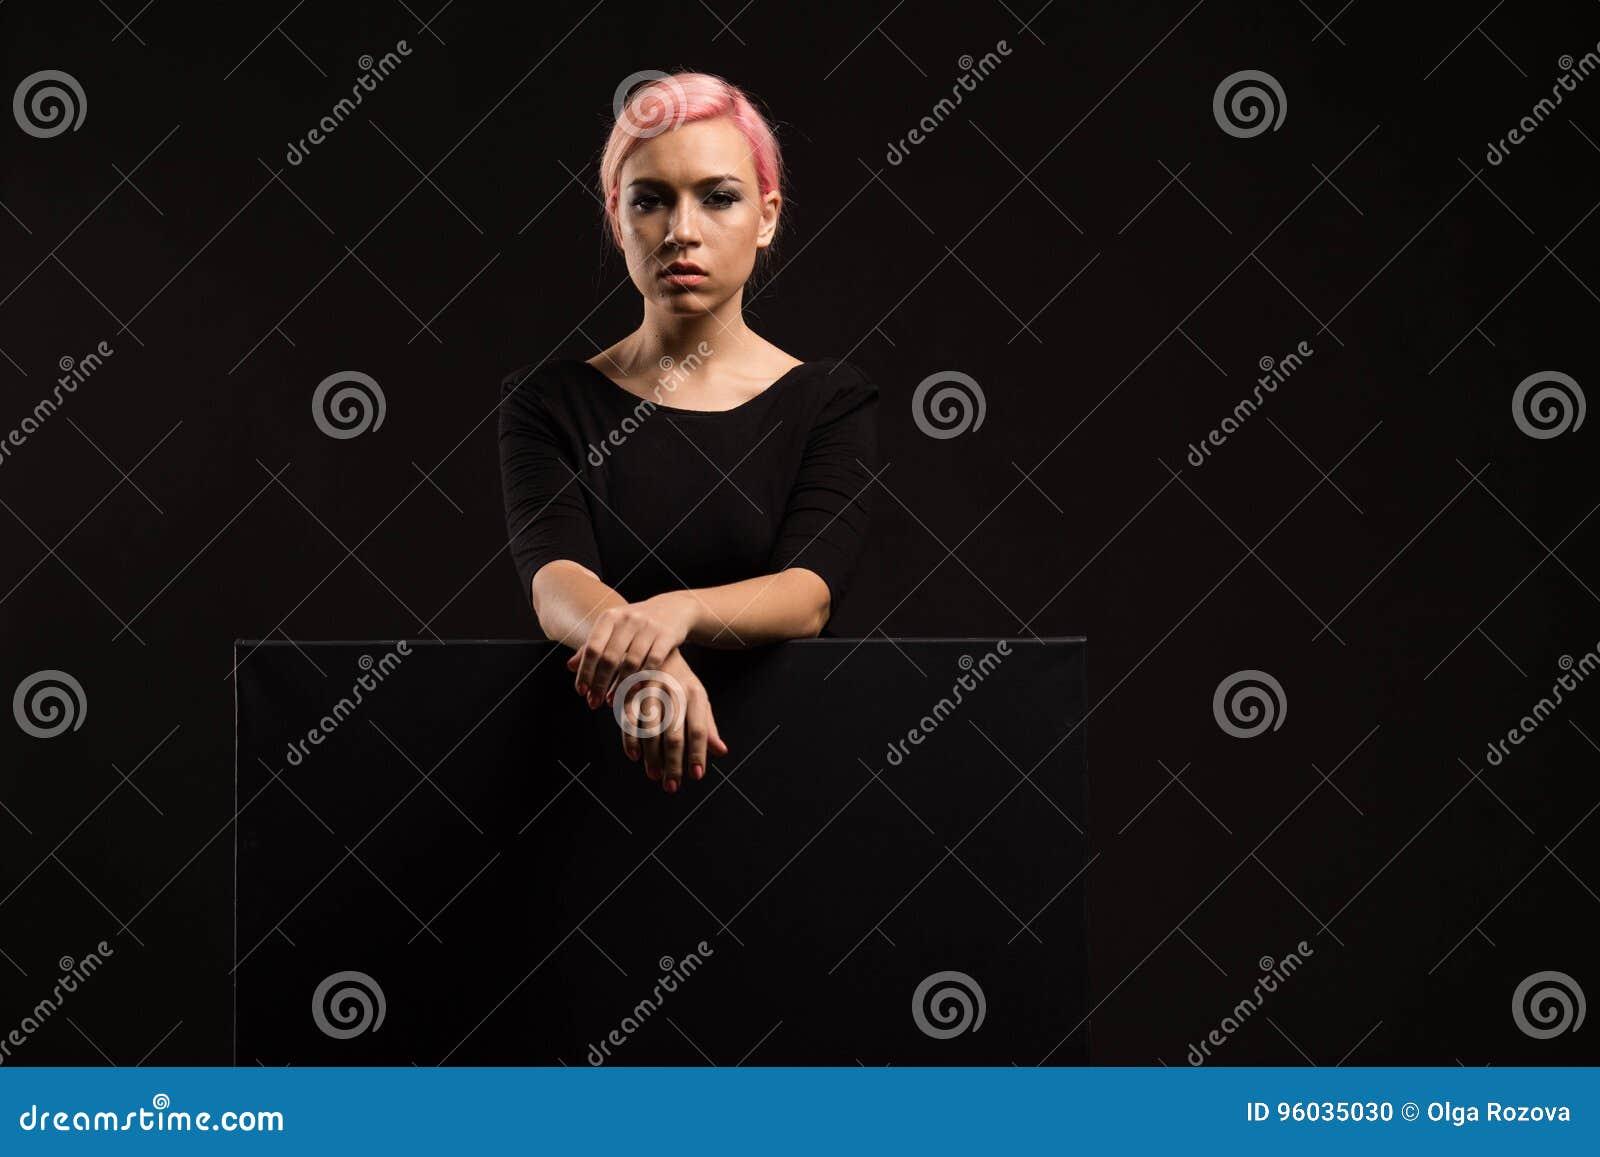 Młoda seksowna kobieta pokazuje prezentację, wskazuje na plakacie